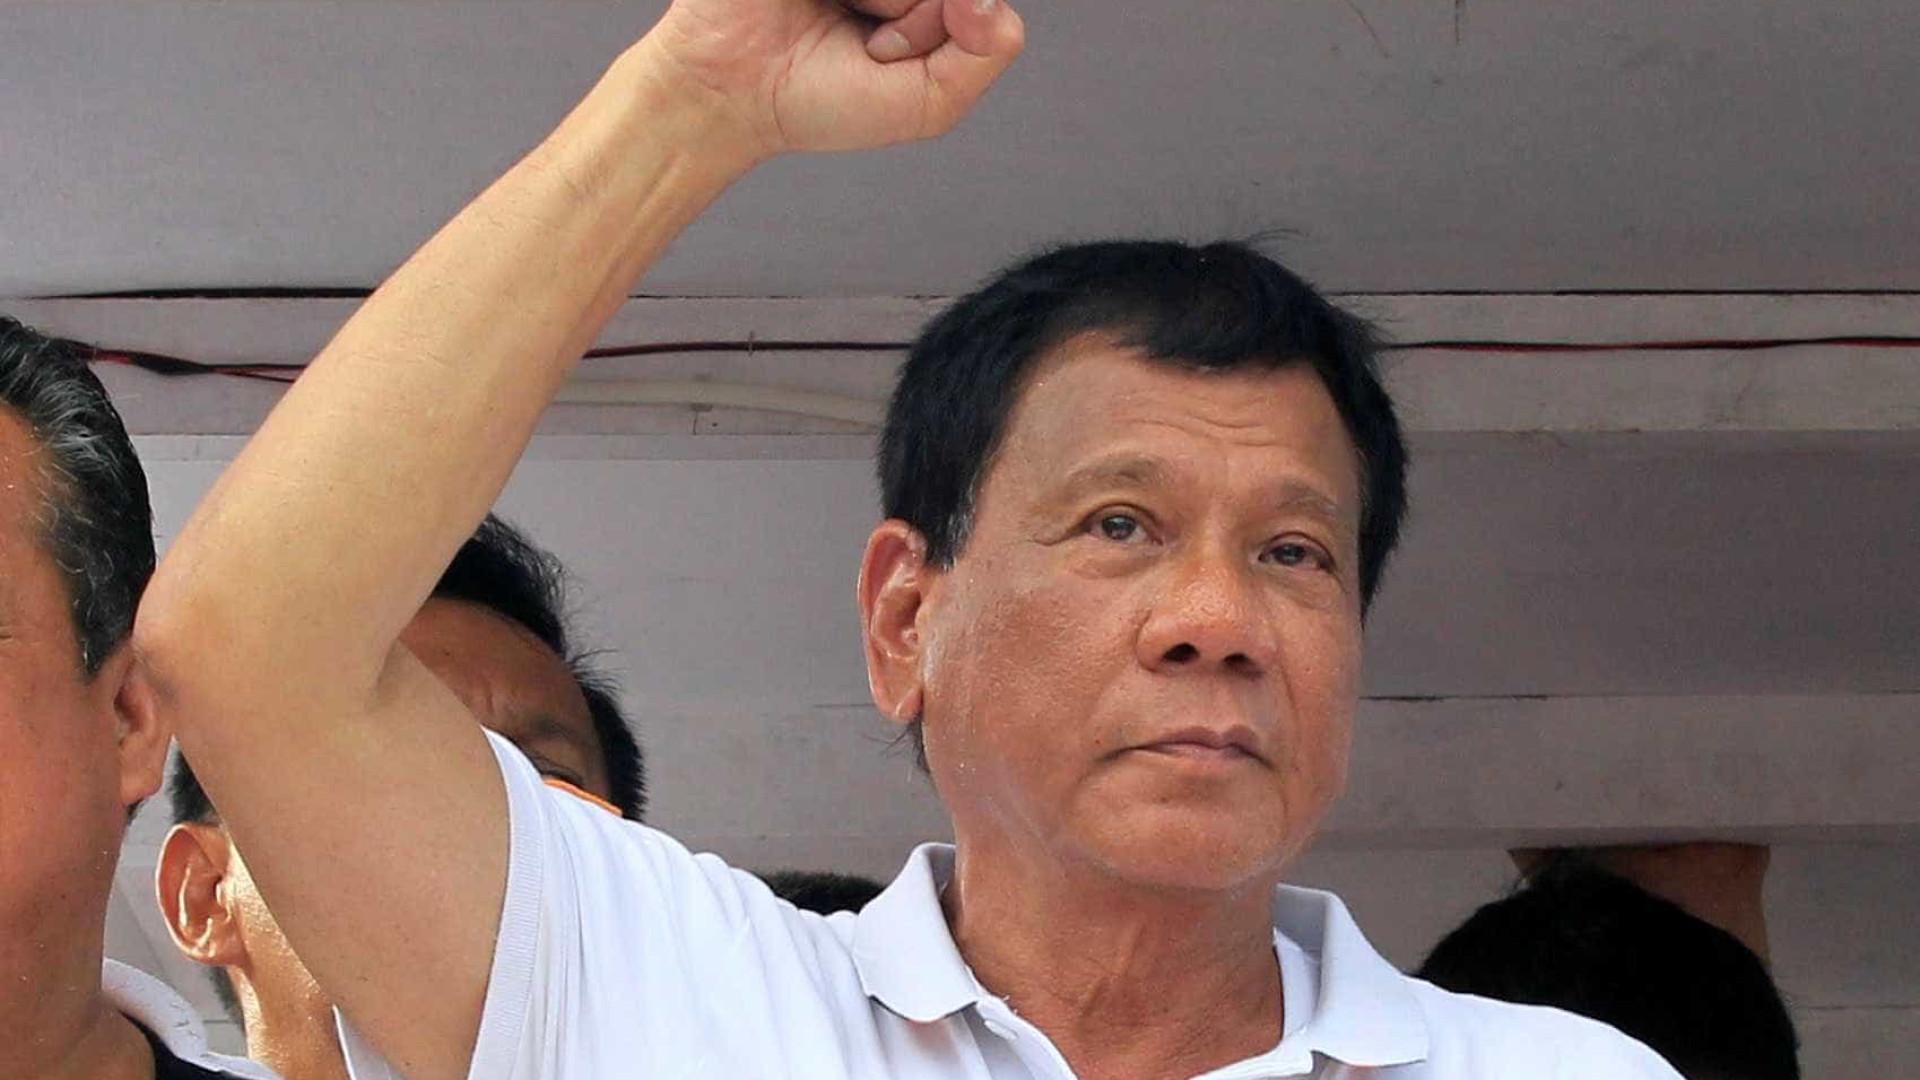 Duterte oferece cerca de 500 dólares a quem matar um rebelde comunista